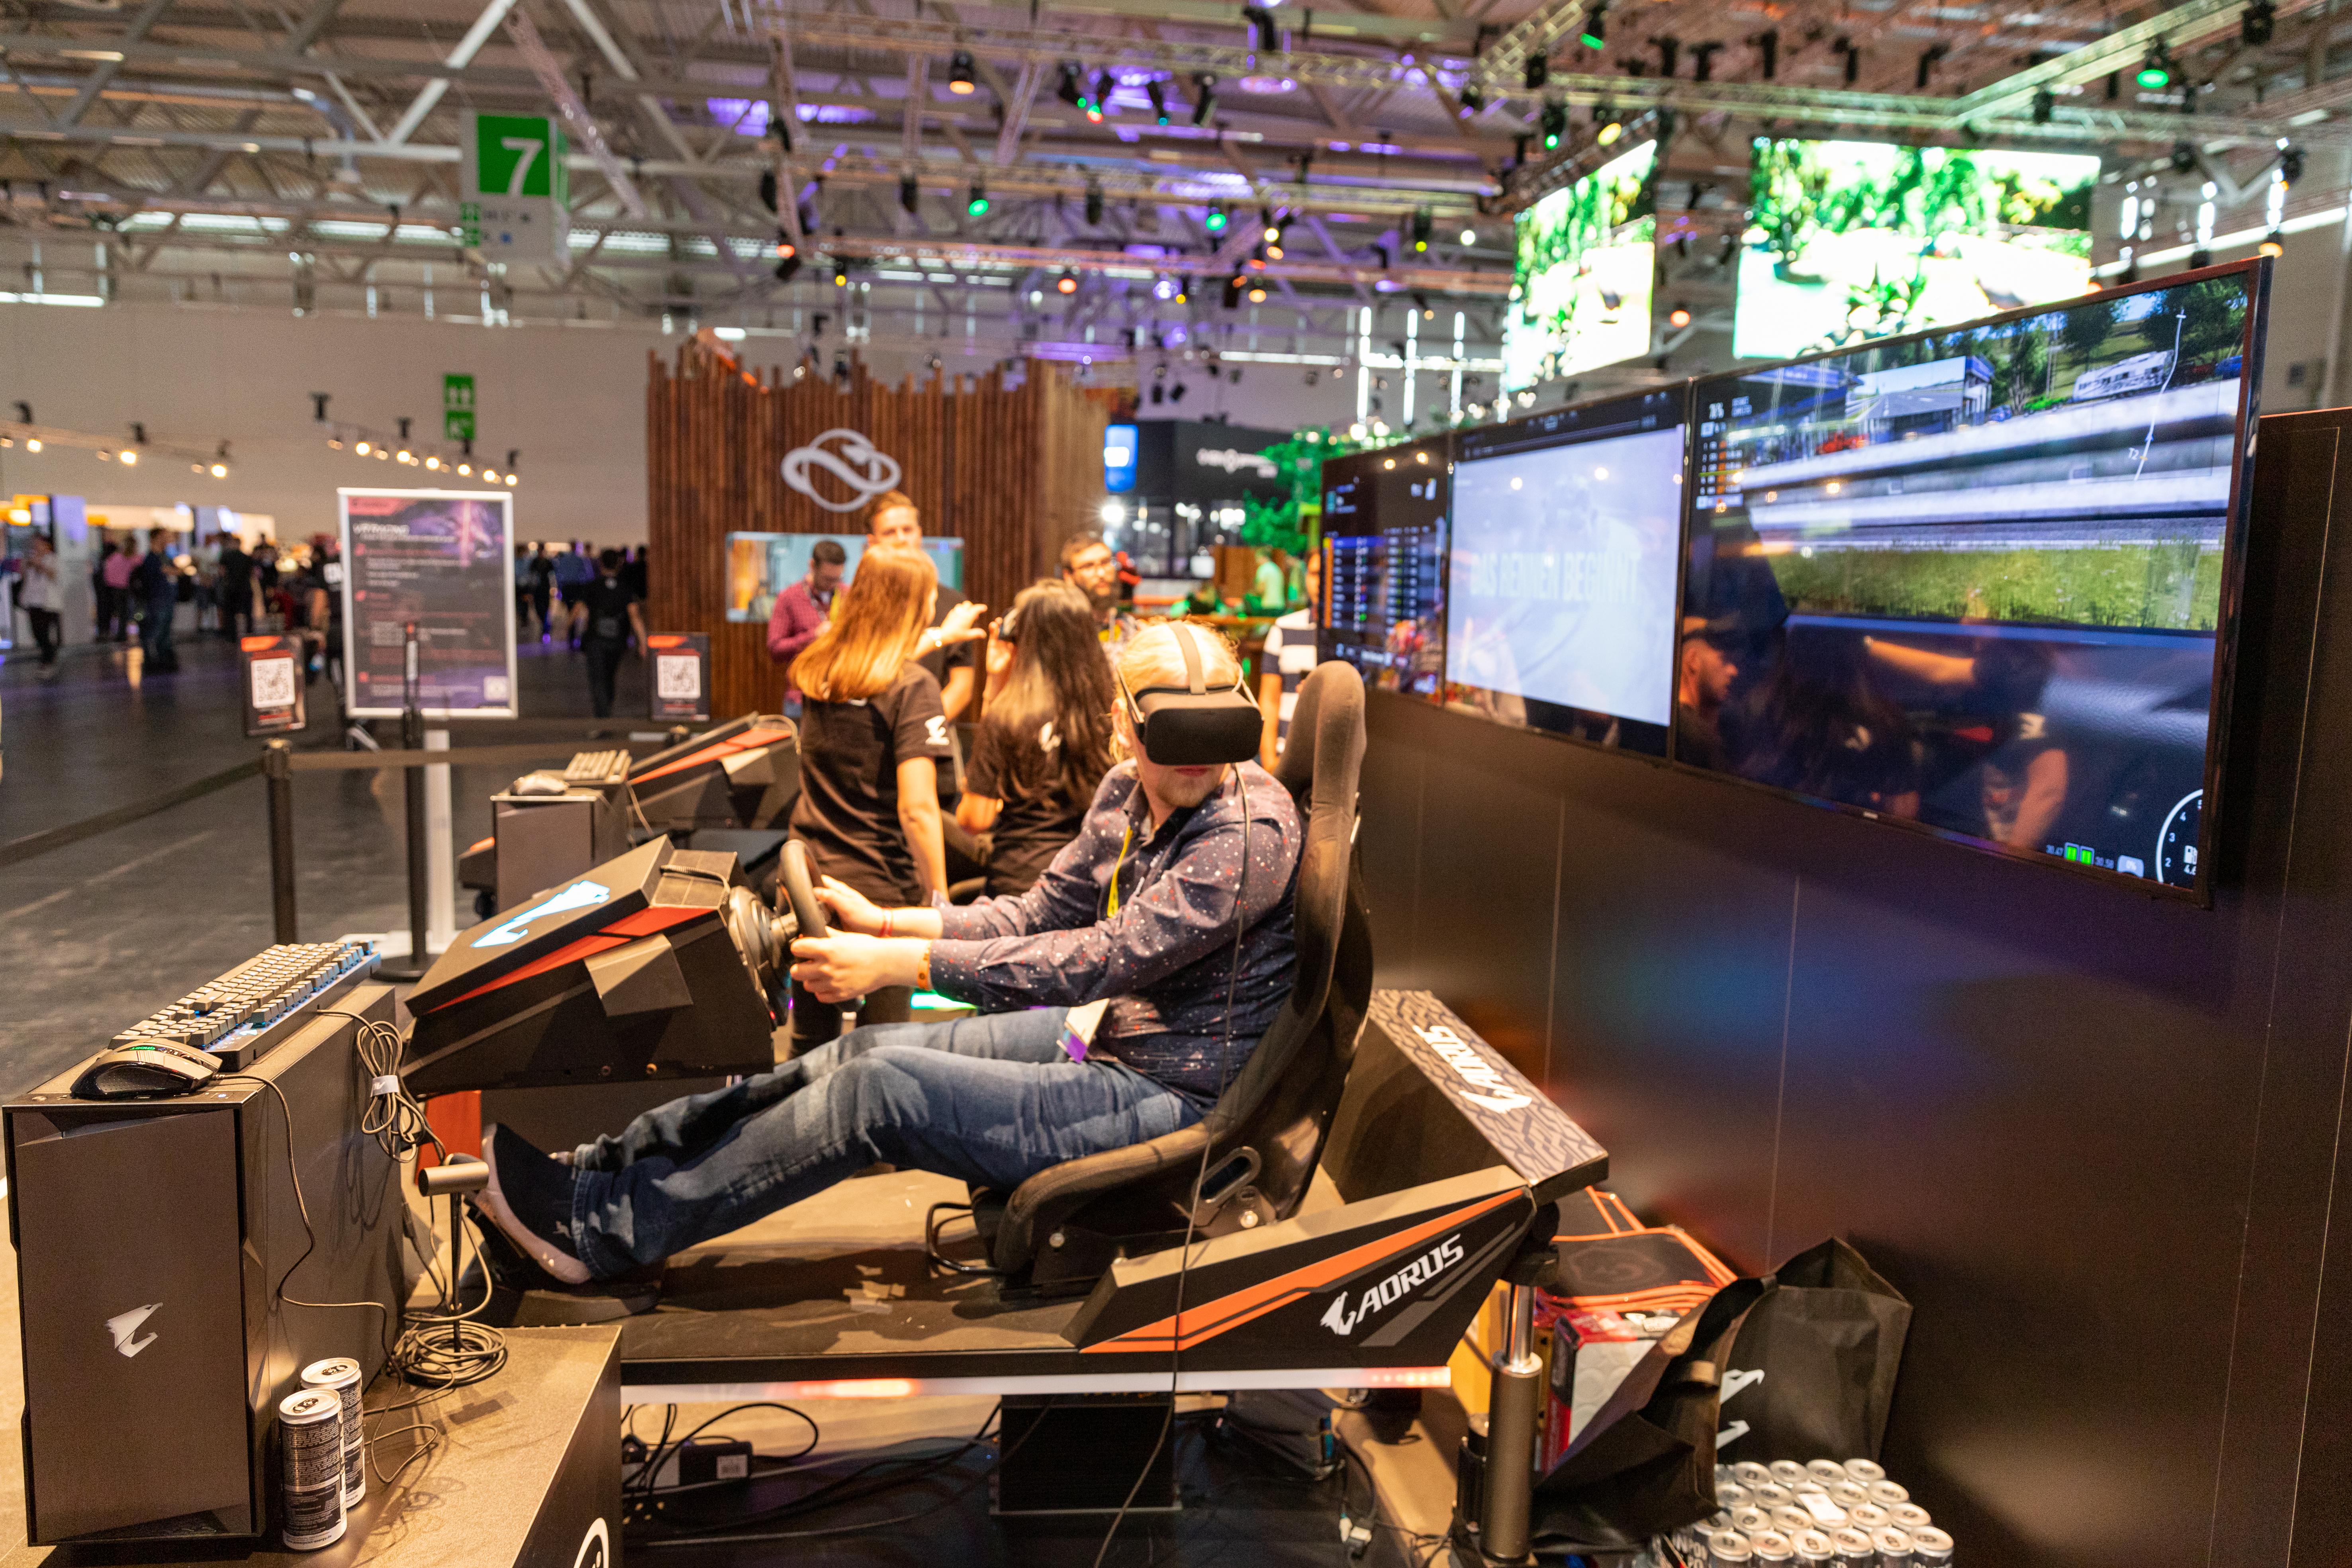 File:AORUS VR racing simulator Gamescom 2019 (48605696576